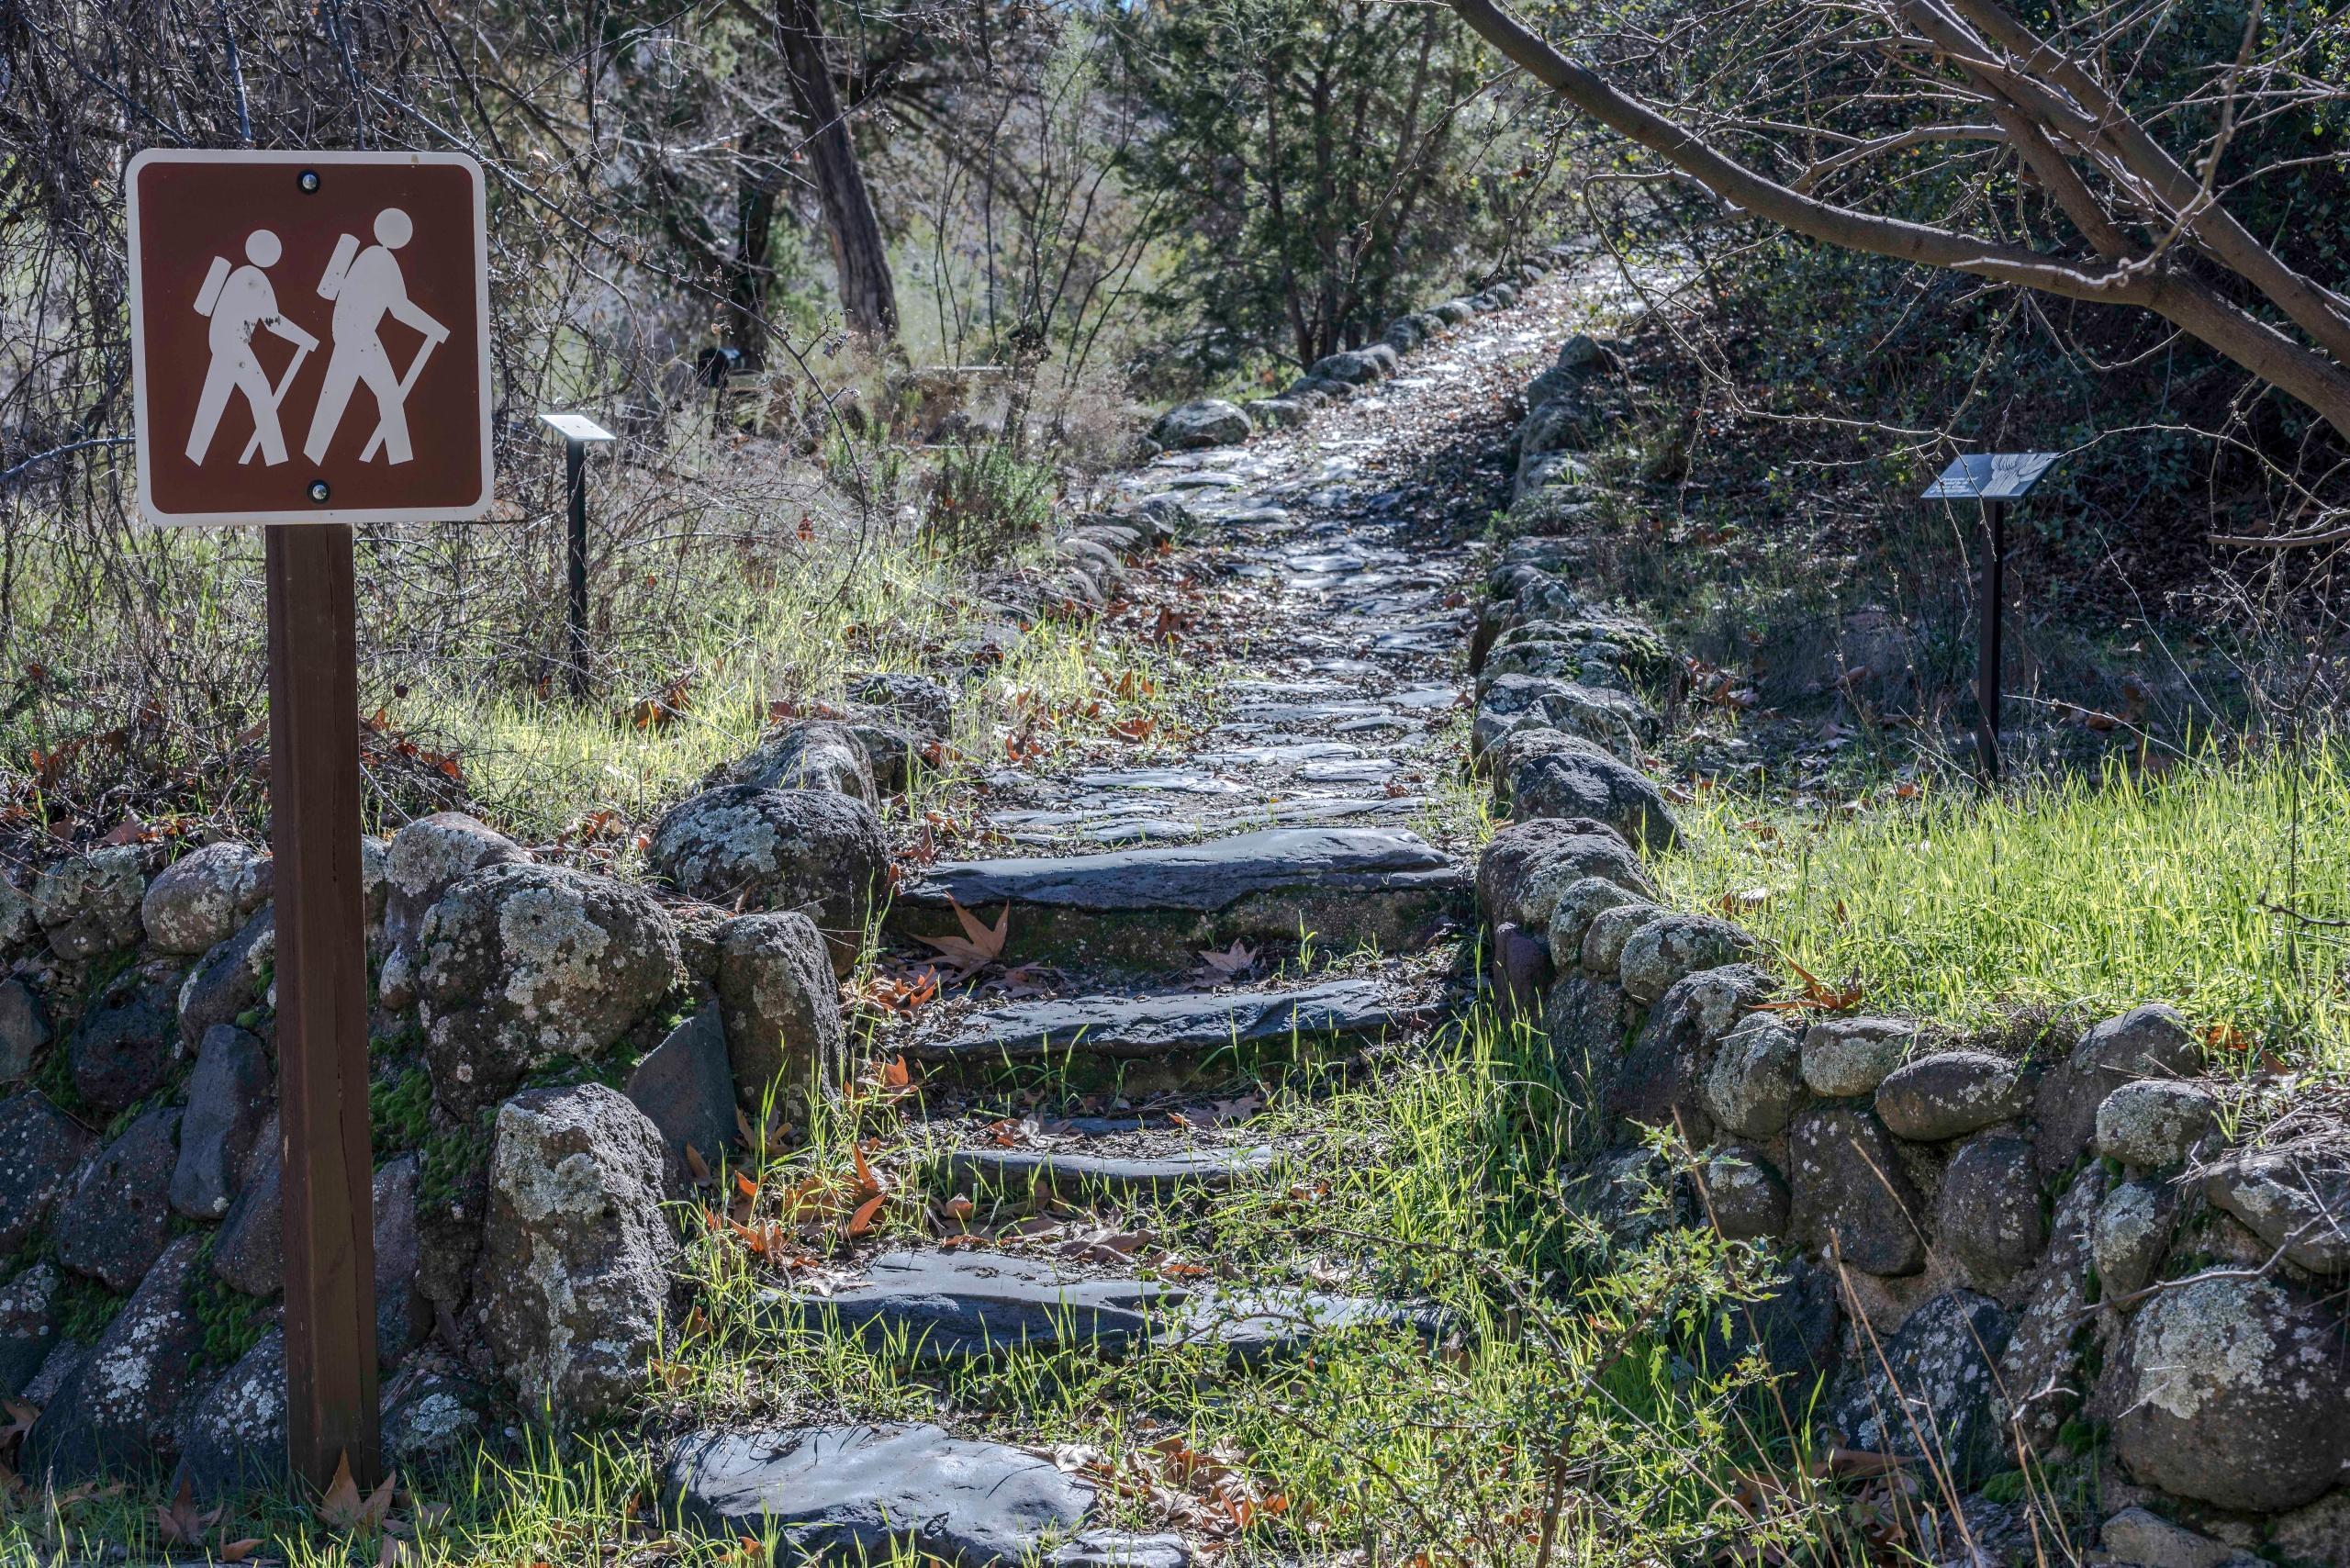 Hiking Trail, Springs 2017 Niko - azdrk | ello